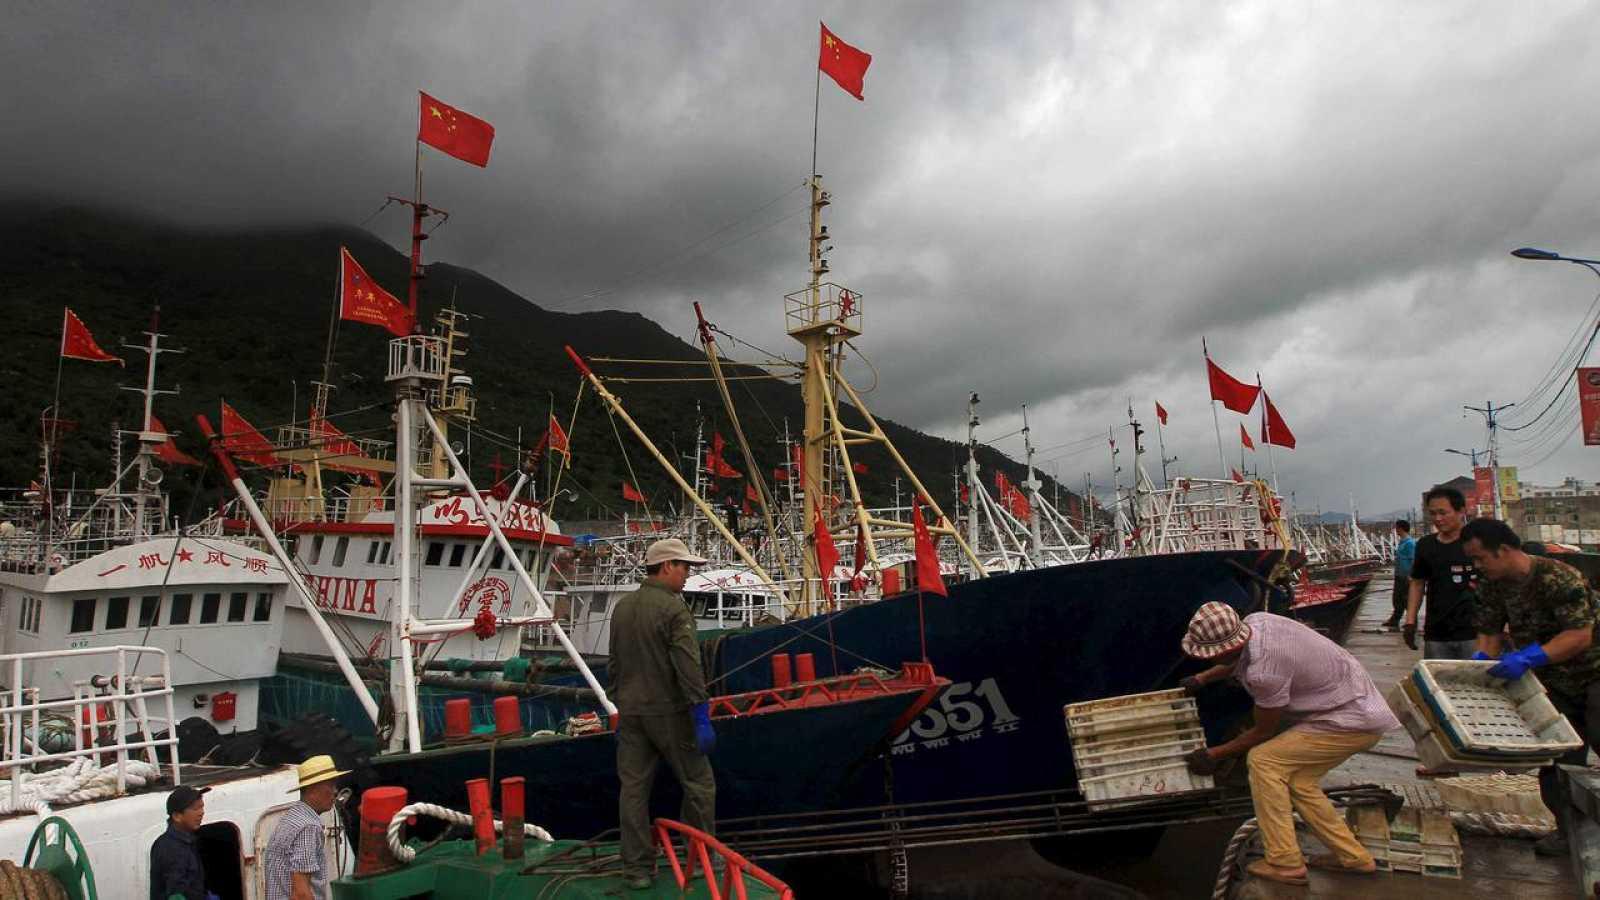 Los pescadores organizan sus cestas en la provincia de Wenzhou mientras se preparan ante la llegada del tifón Soudelor